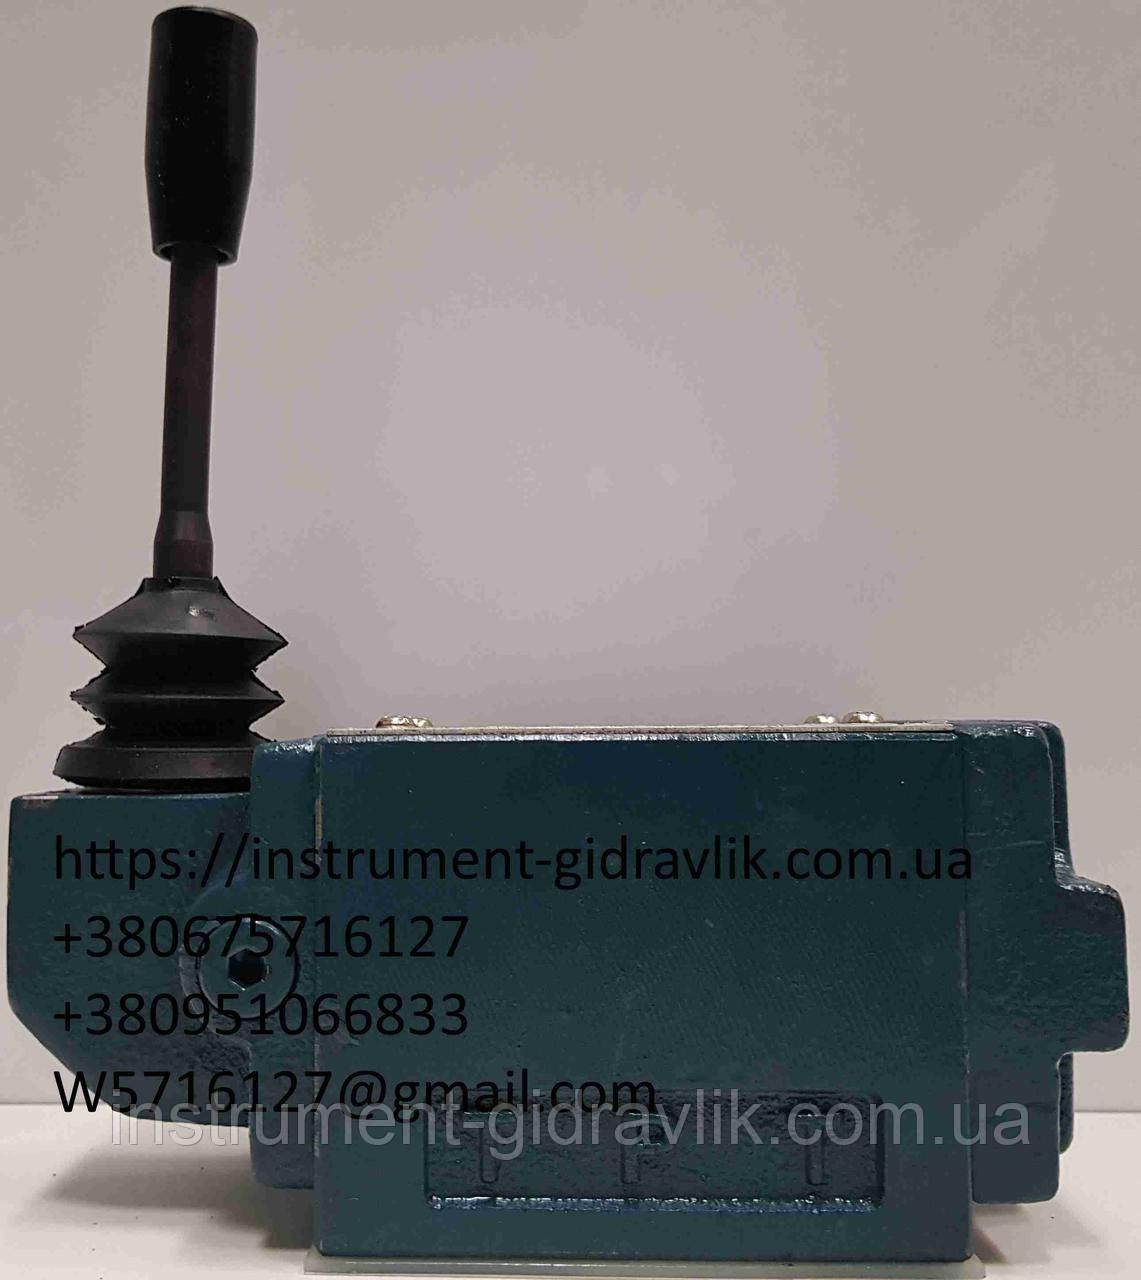 Гидрораспределитель Р 103 ФВ 44 ручник